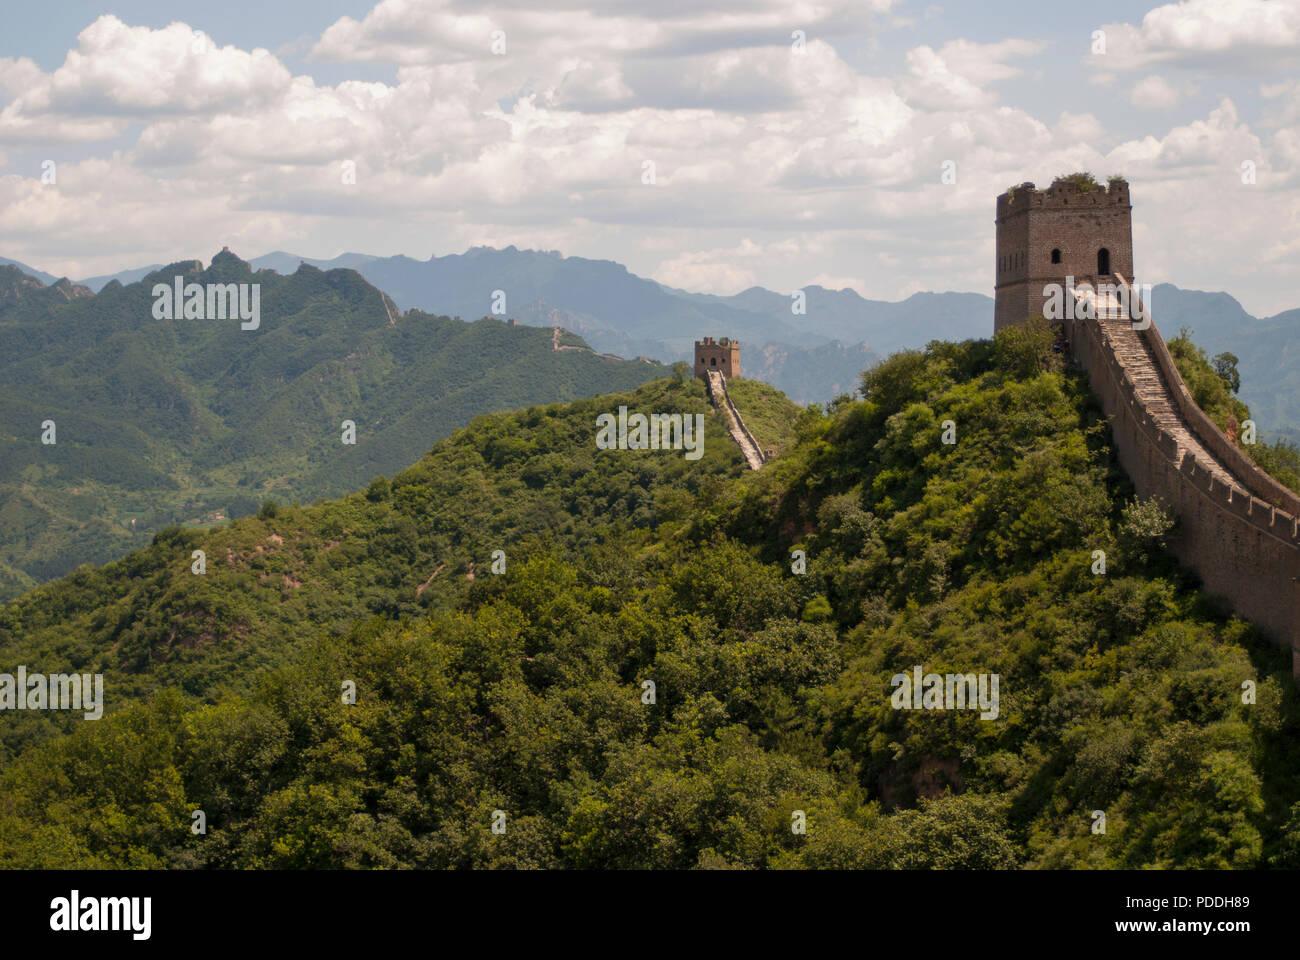 La Grande Muraille de Chine, à Jinshanling, une randonnée à pied et l'une des parties les mieux préservées de la Grande Muraille avec de nombreux éléments d'origine. Photo Stock